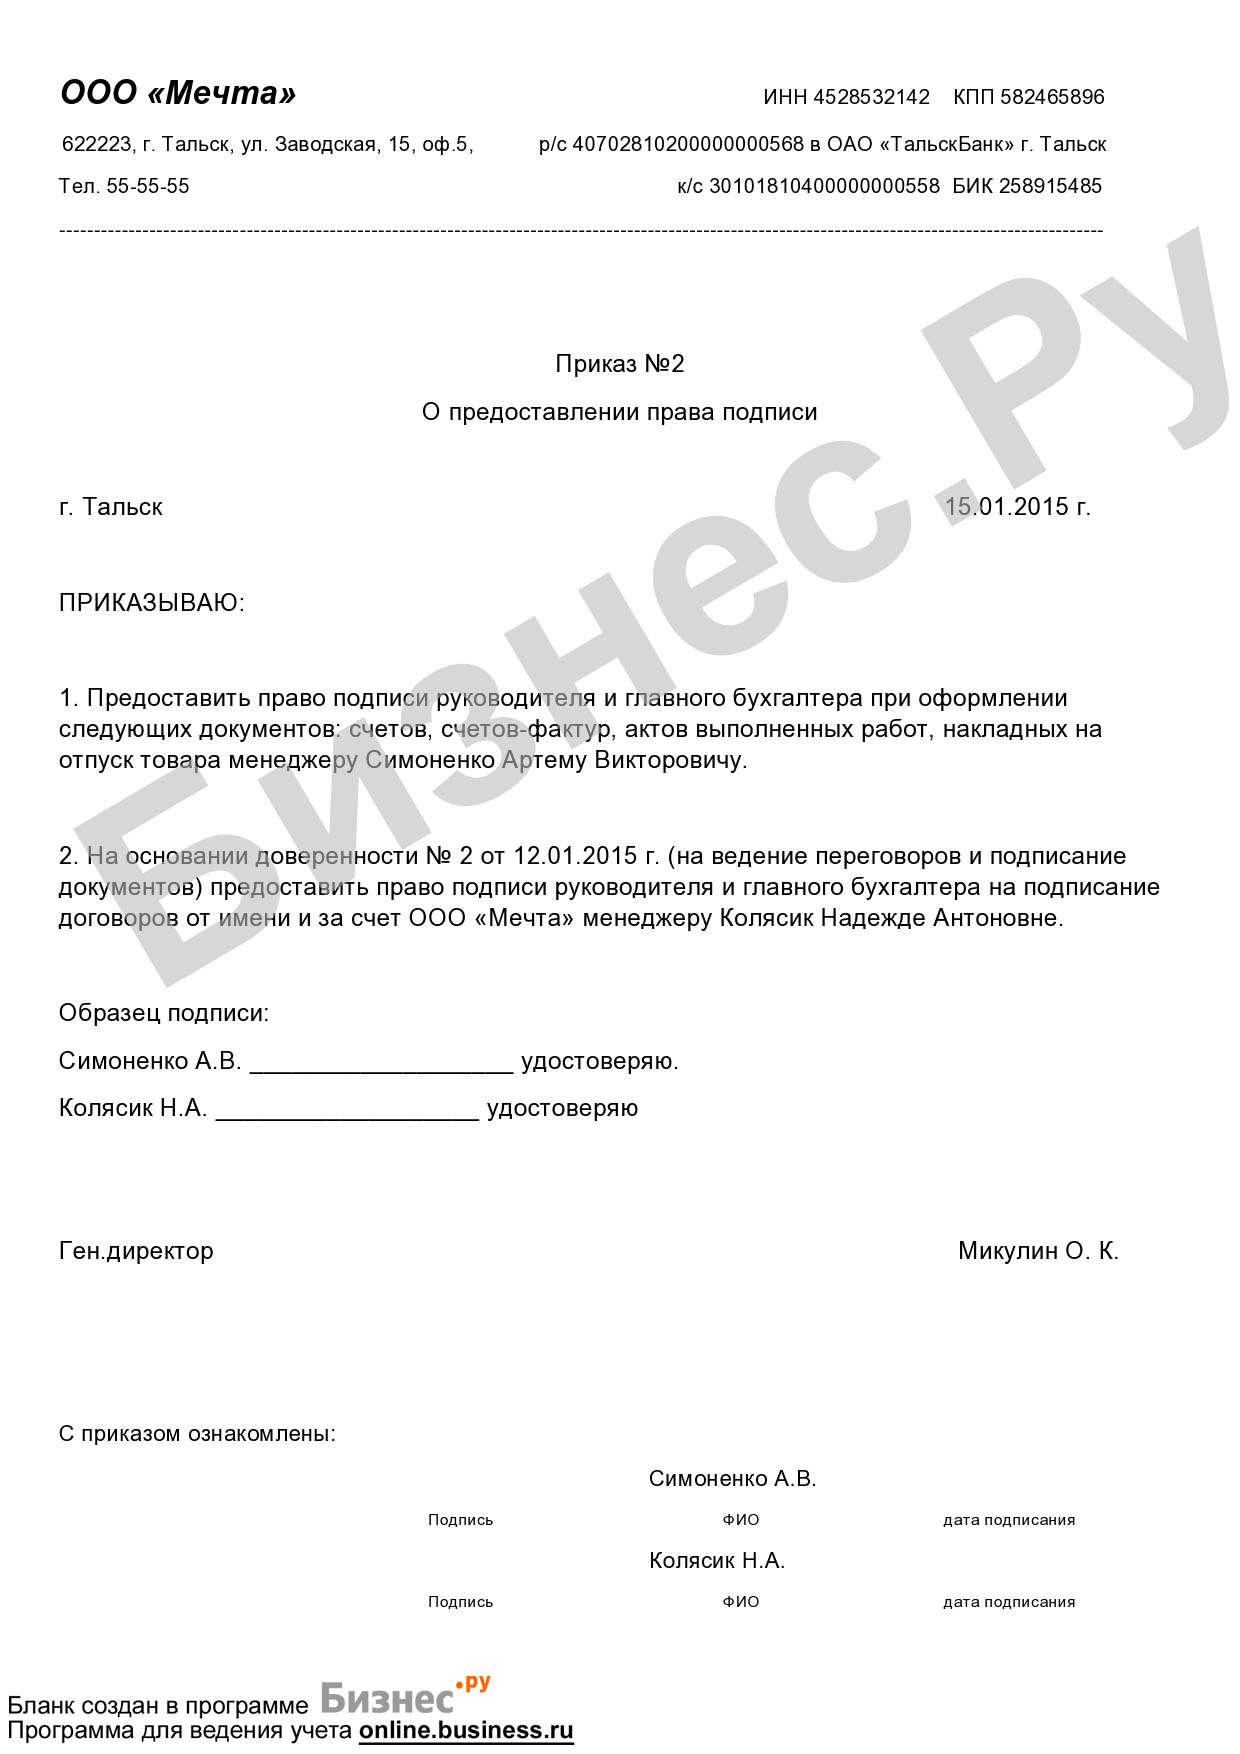 образец приказа о наделении правом подписи документов